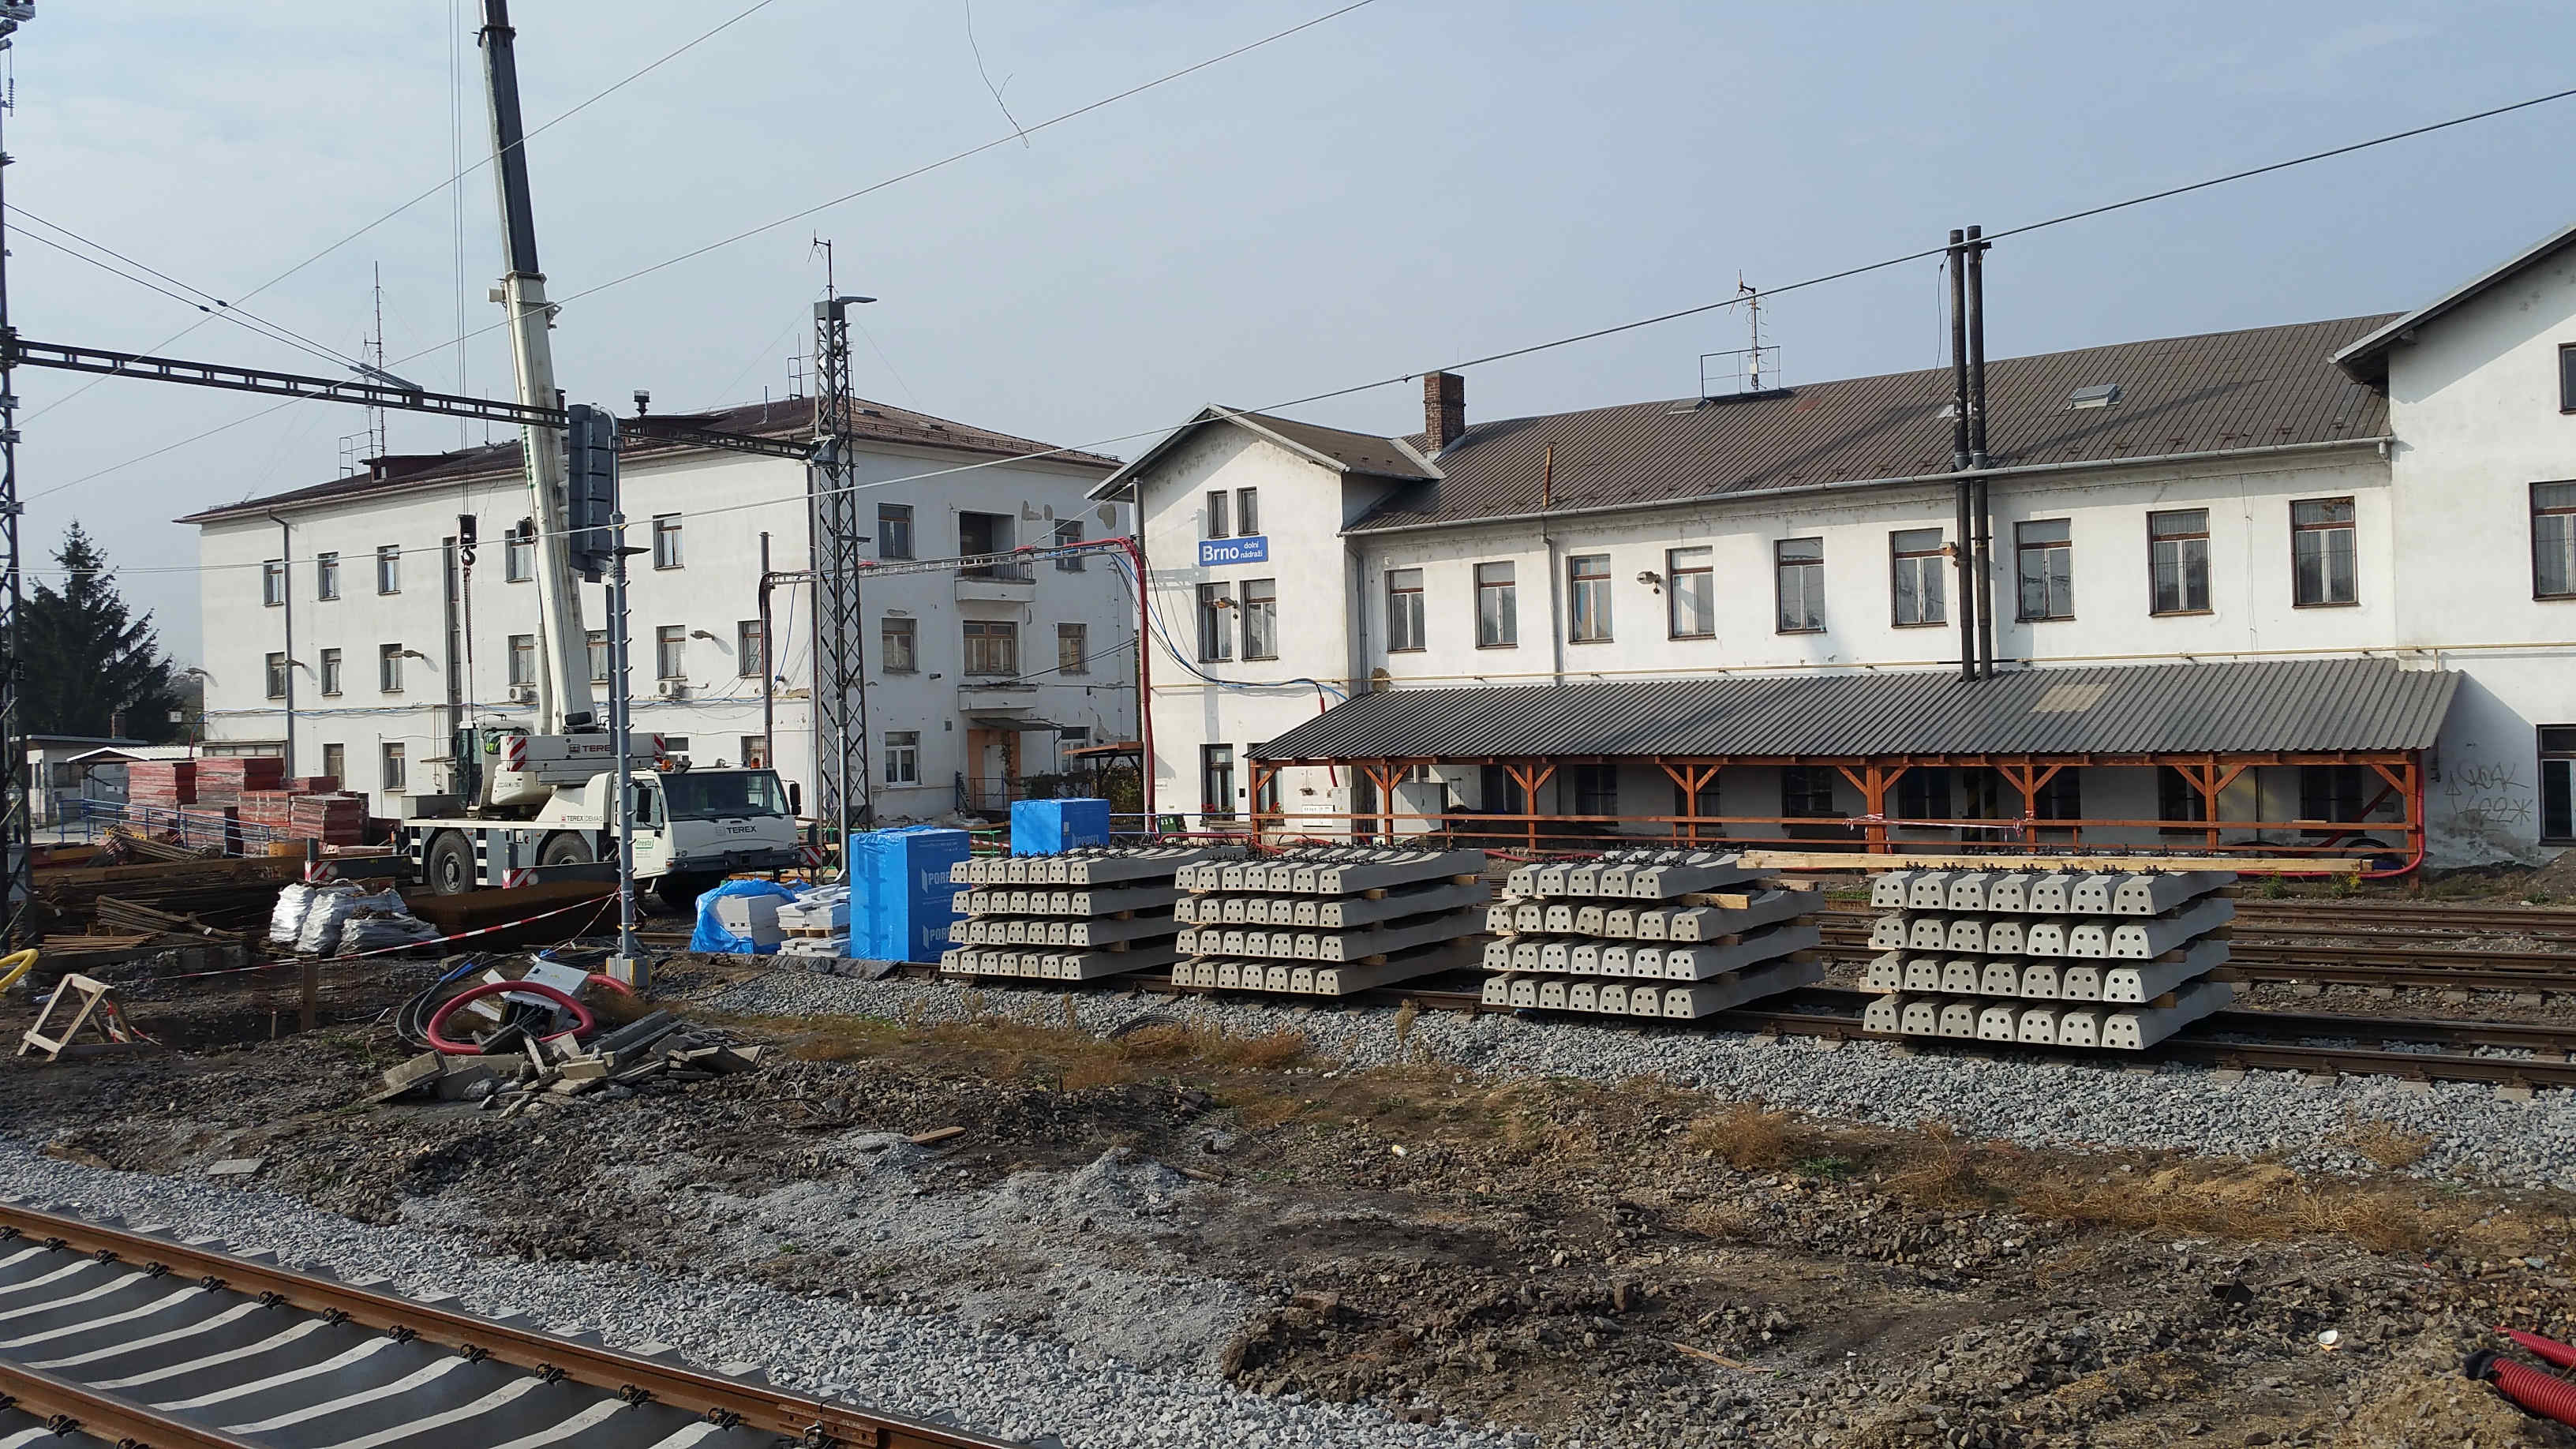 Dolní nádraží v Brně - rekonstrukce v říjnu 2018